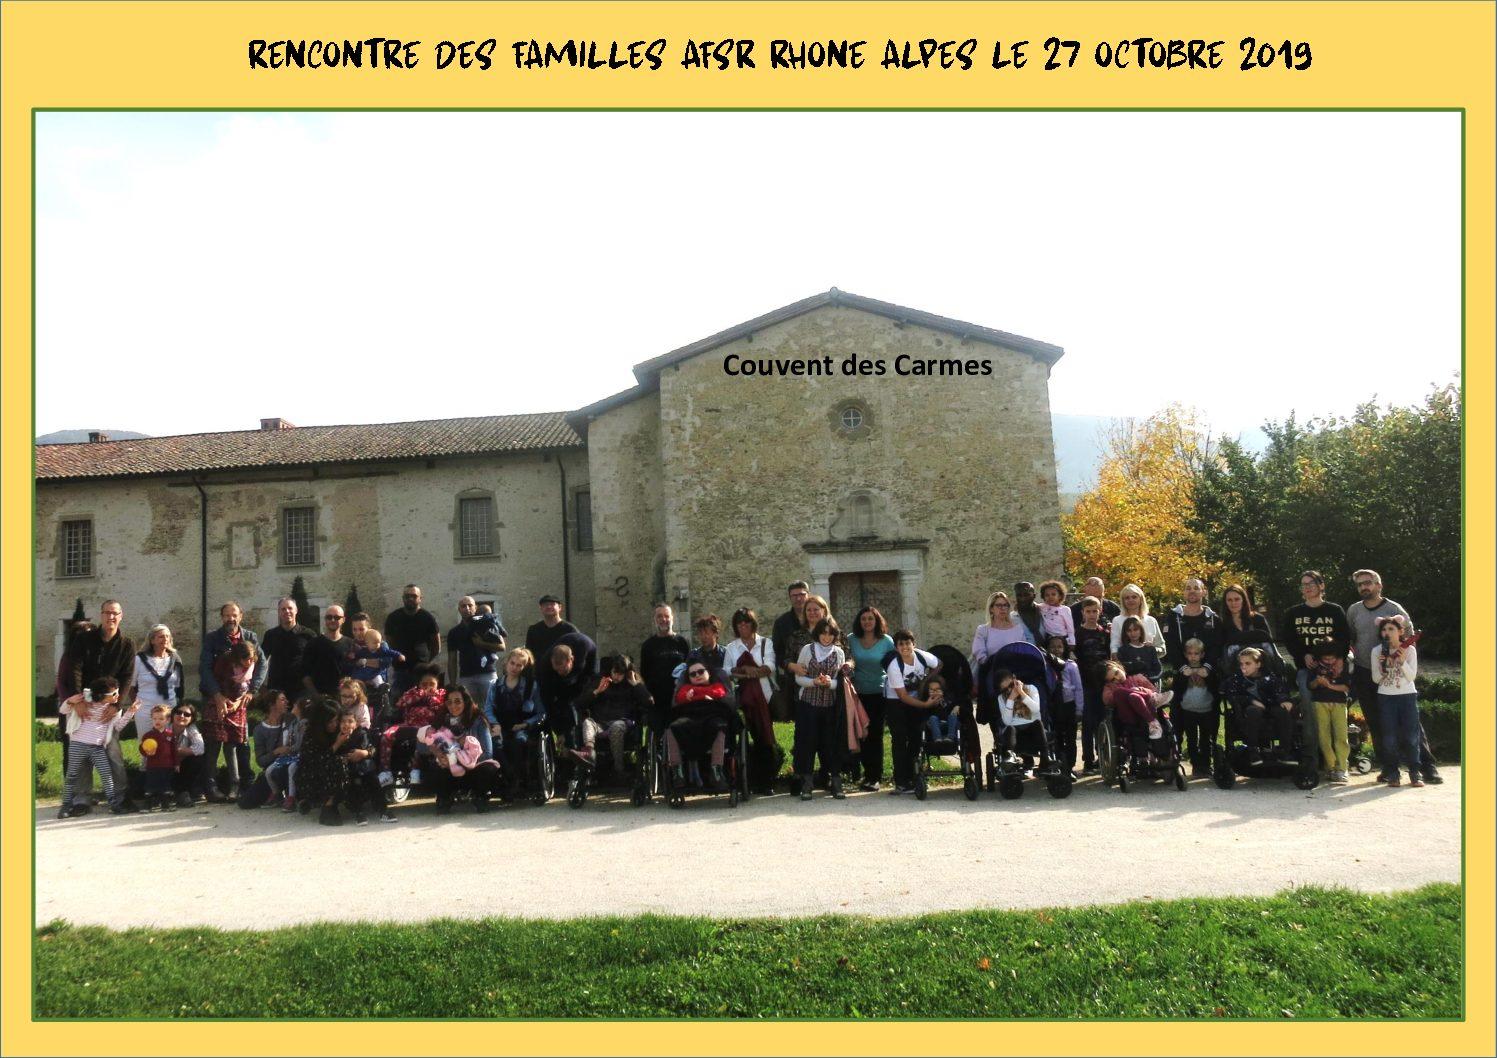 Repas des familles Auvergne-Rhône-Alpes